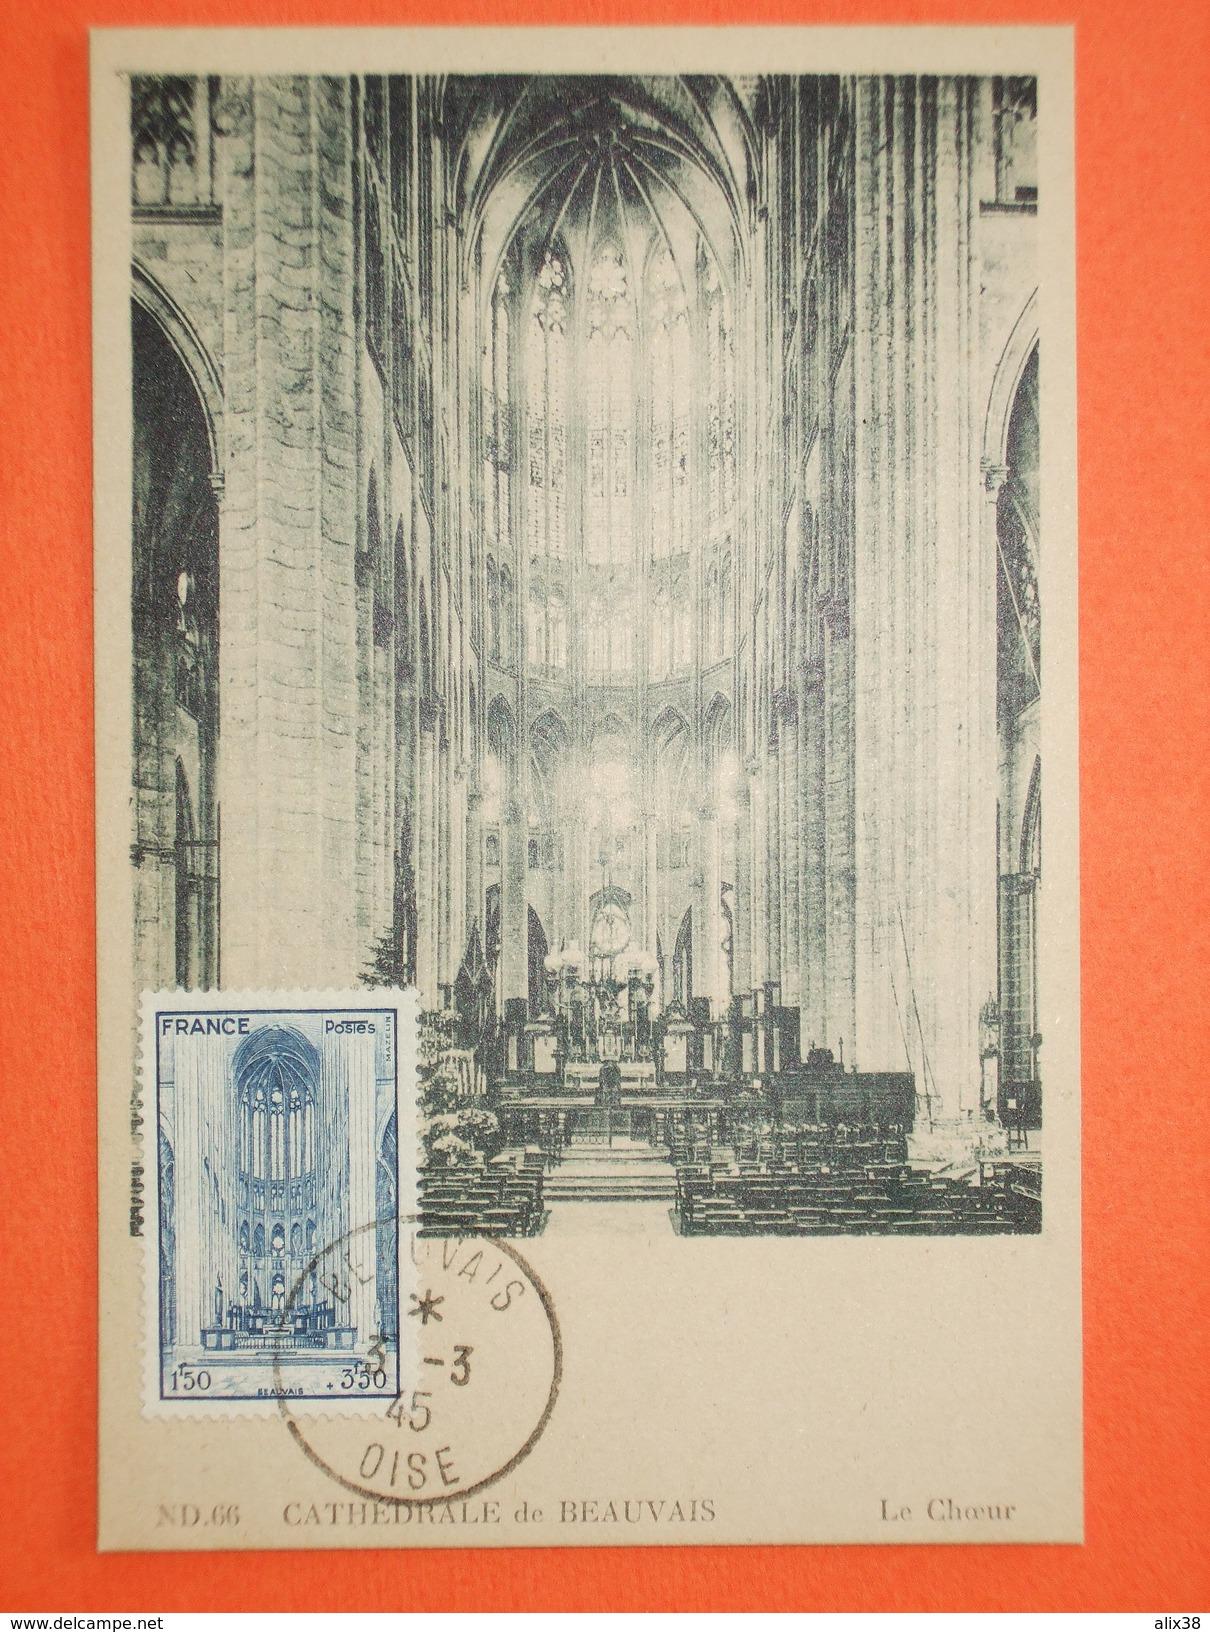 FRANCE CARTE MAXIMA 1944 - N°666 Beauvais  Sur Carte Maxima Neuve.   Superbe - Cartes-Maximum